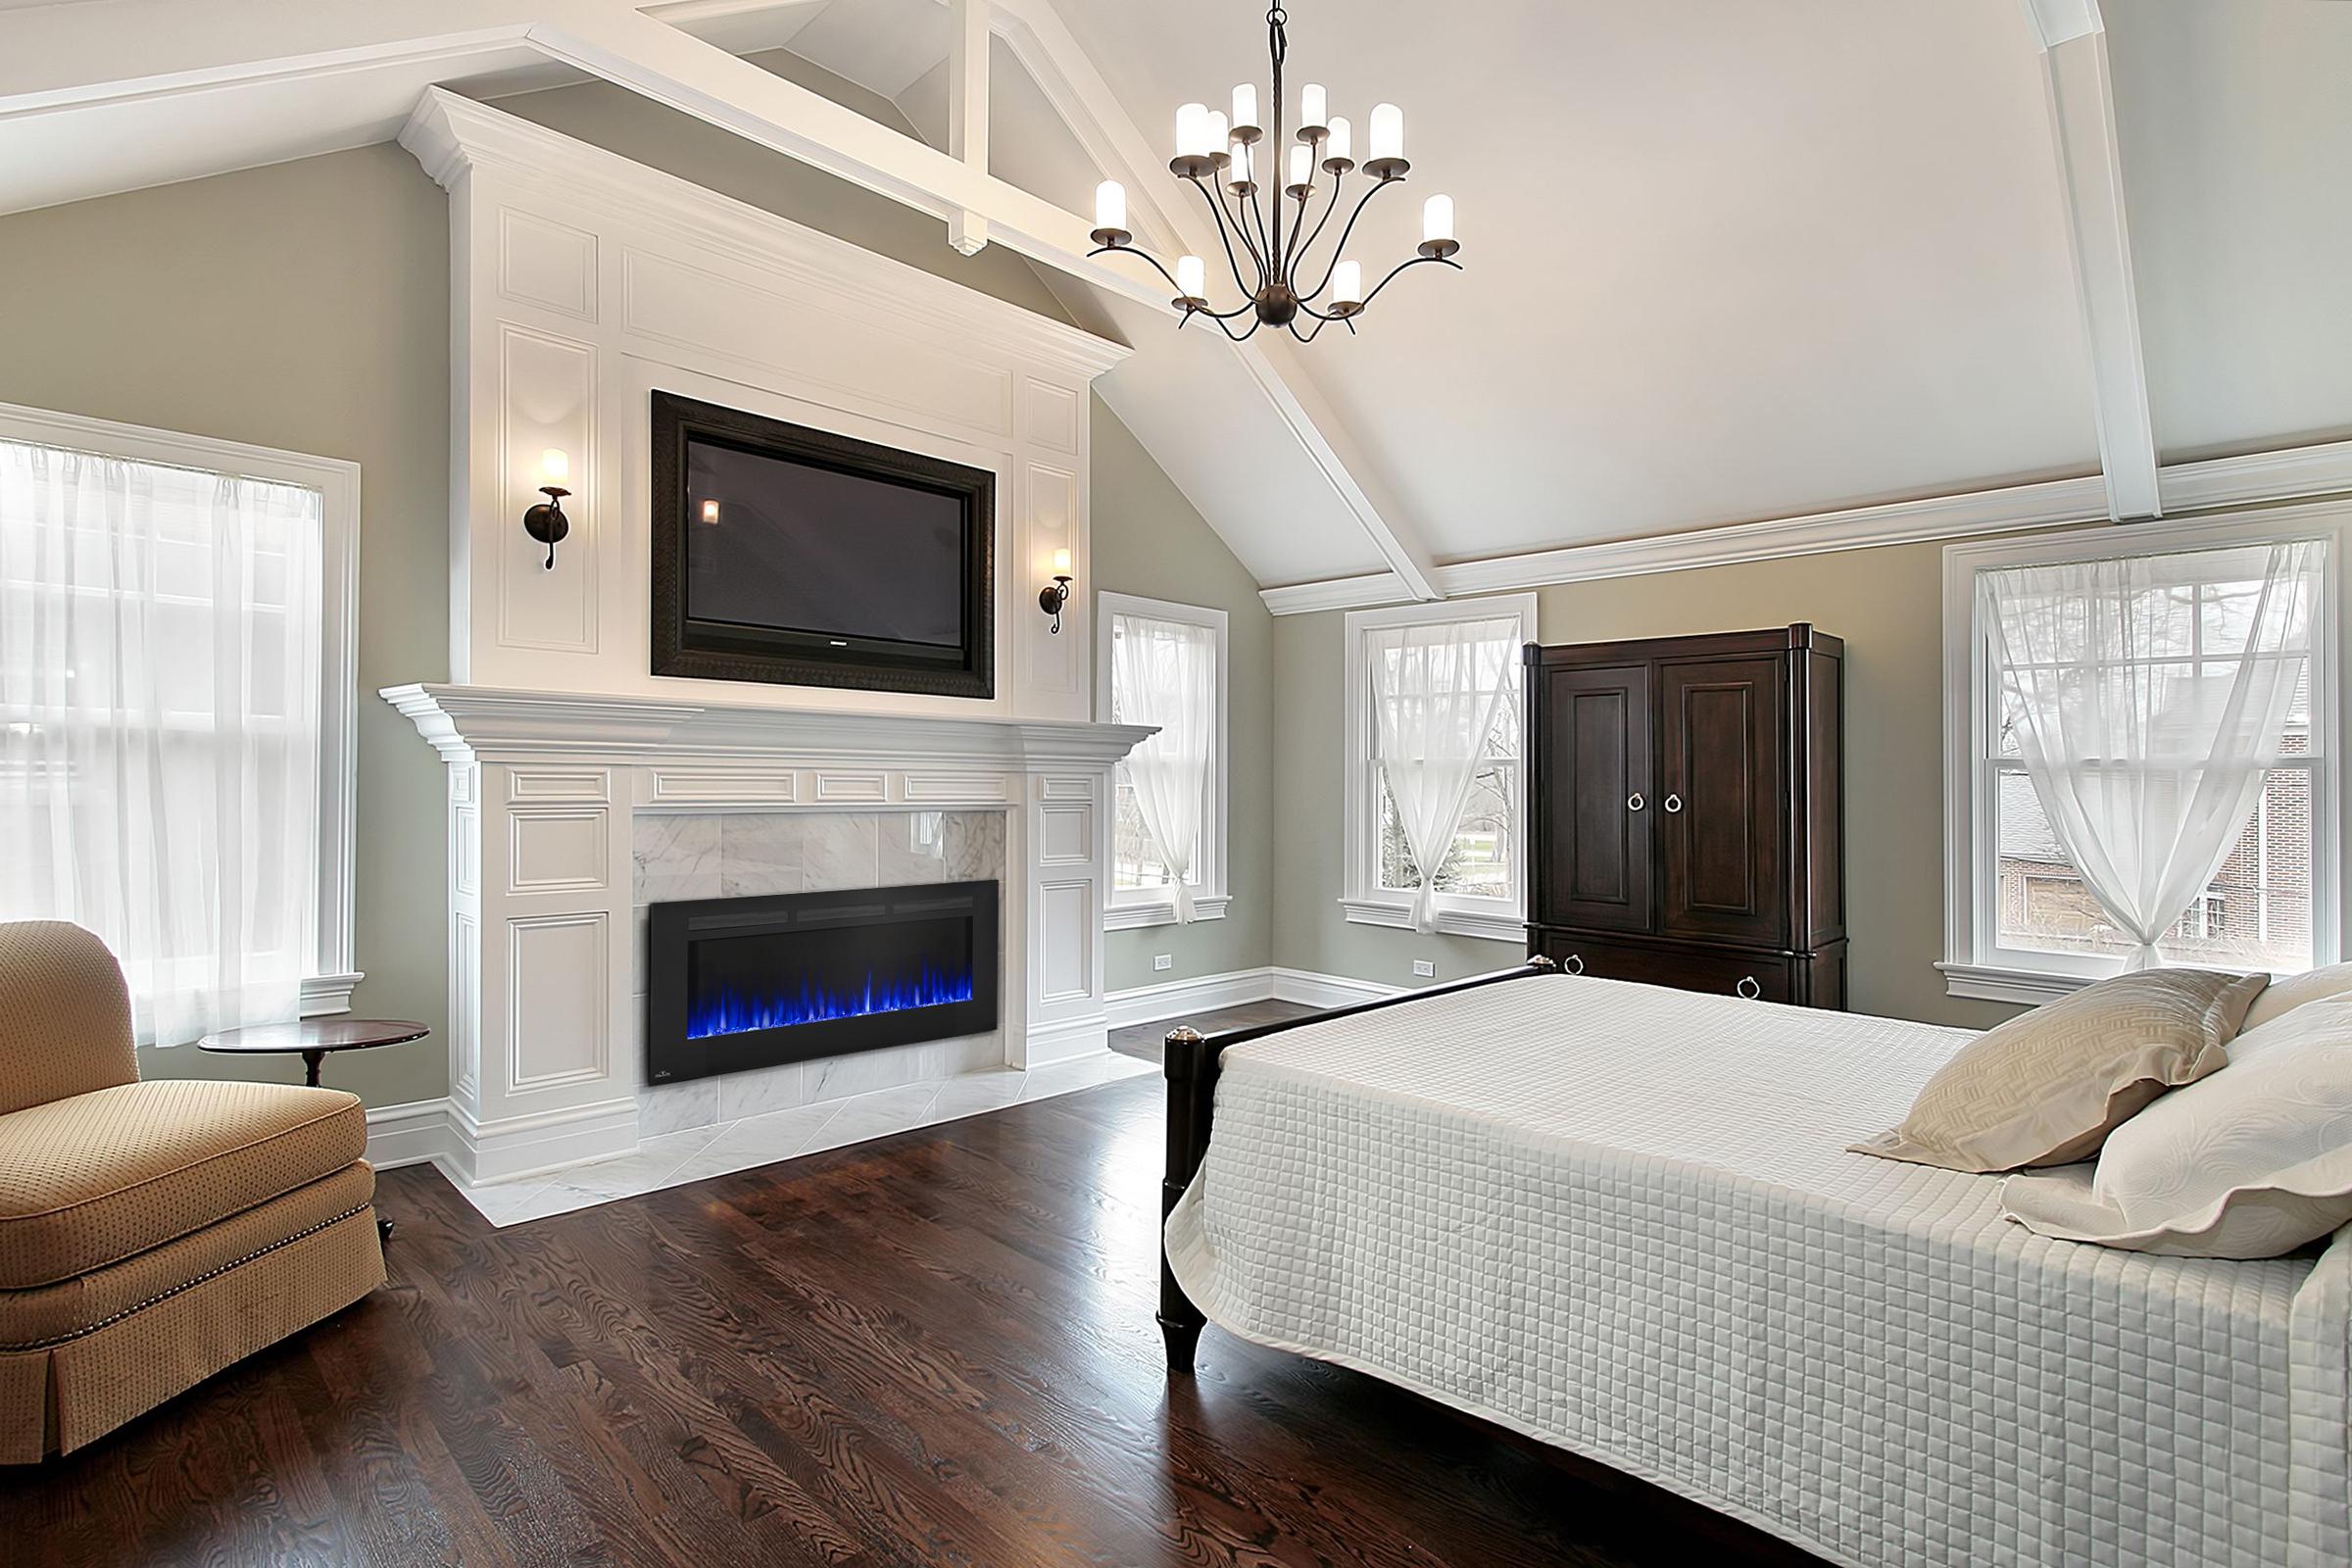 allure-60-livingroom-blue-napoleon-fireplaces.jpg